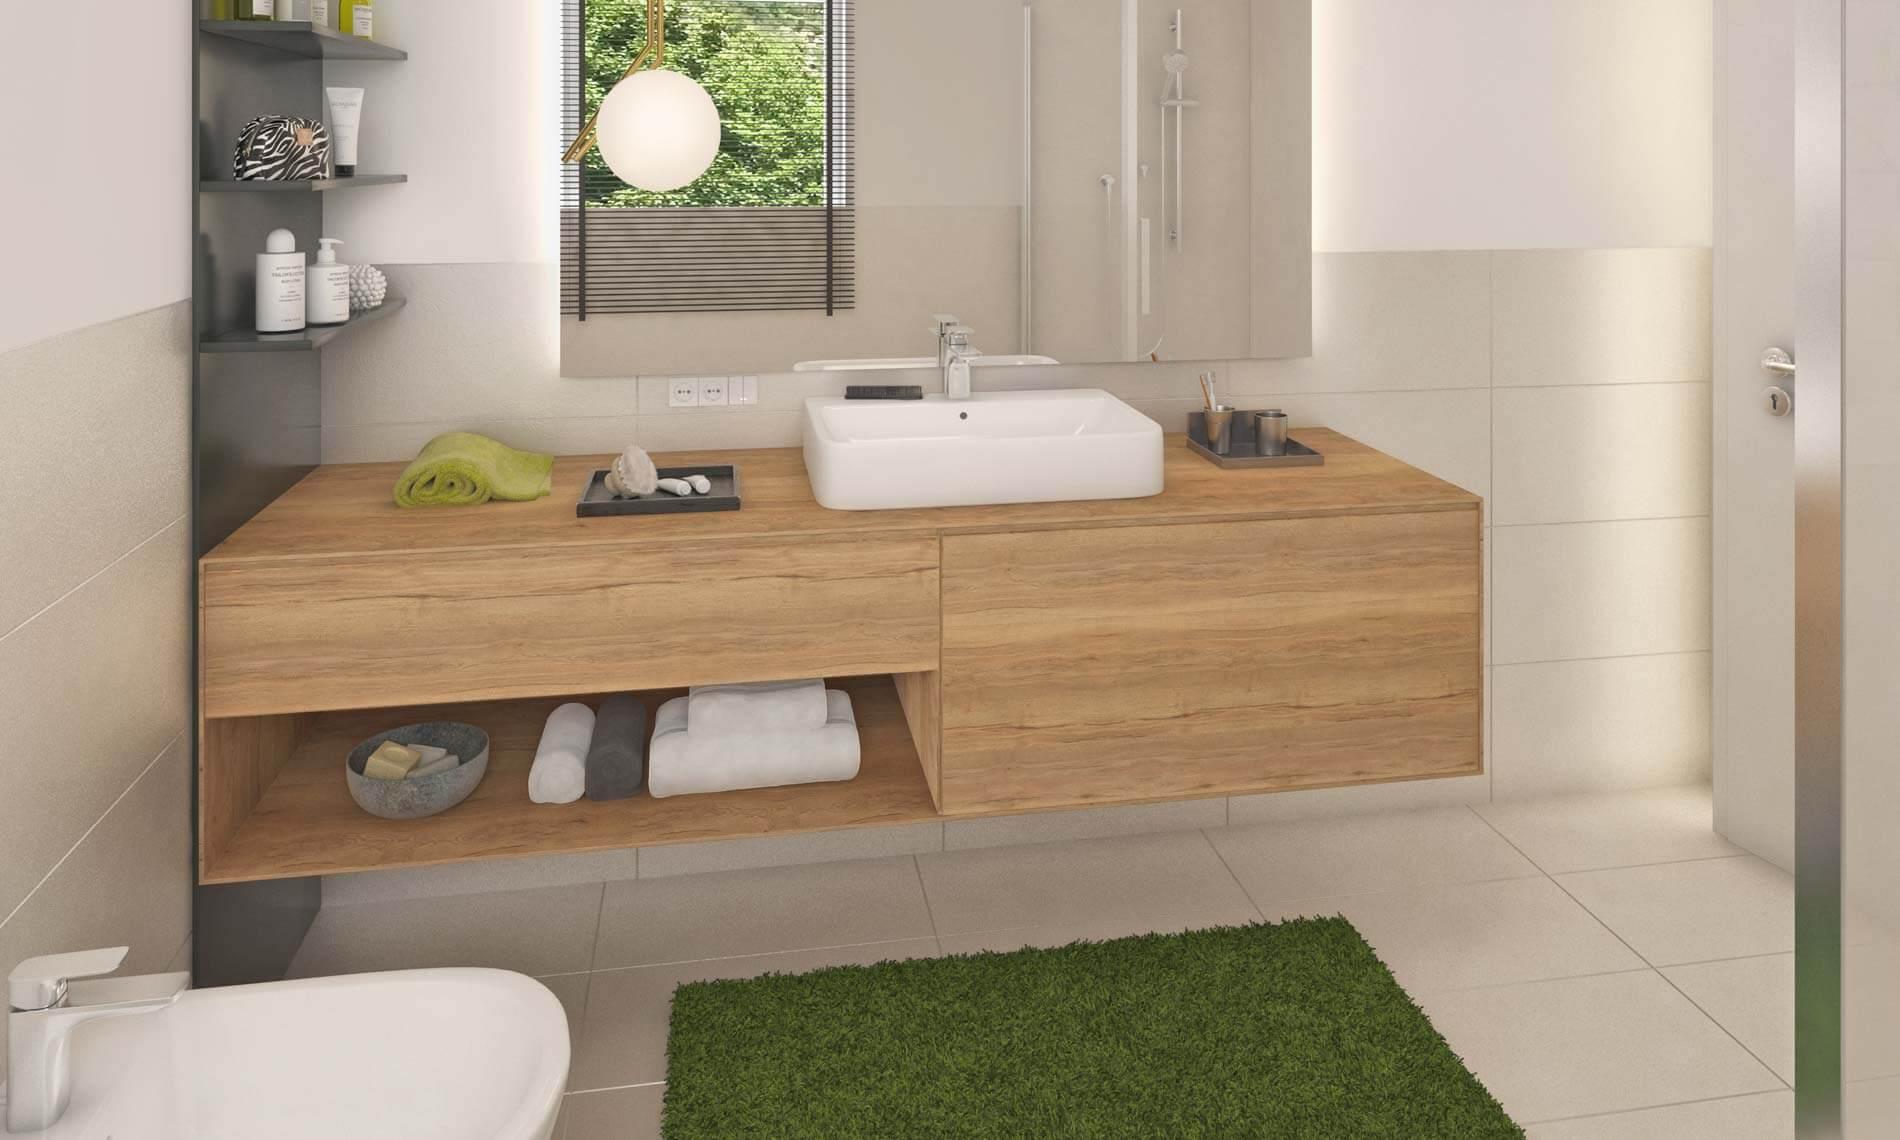 Schöne Bad-Einrichtungen mit hochwertigen Sanitäranlagen Immobilien Vinschgau